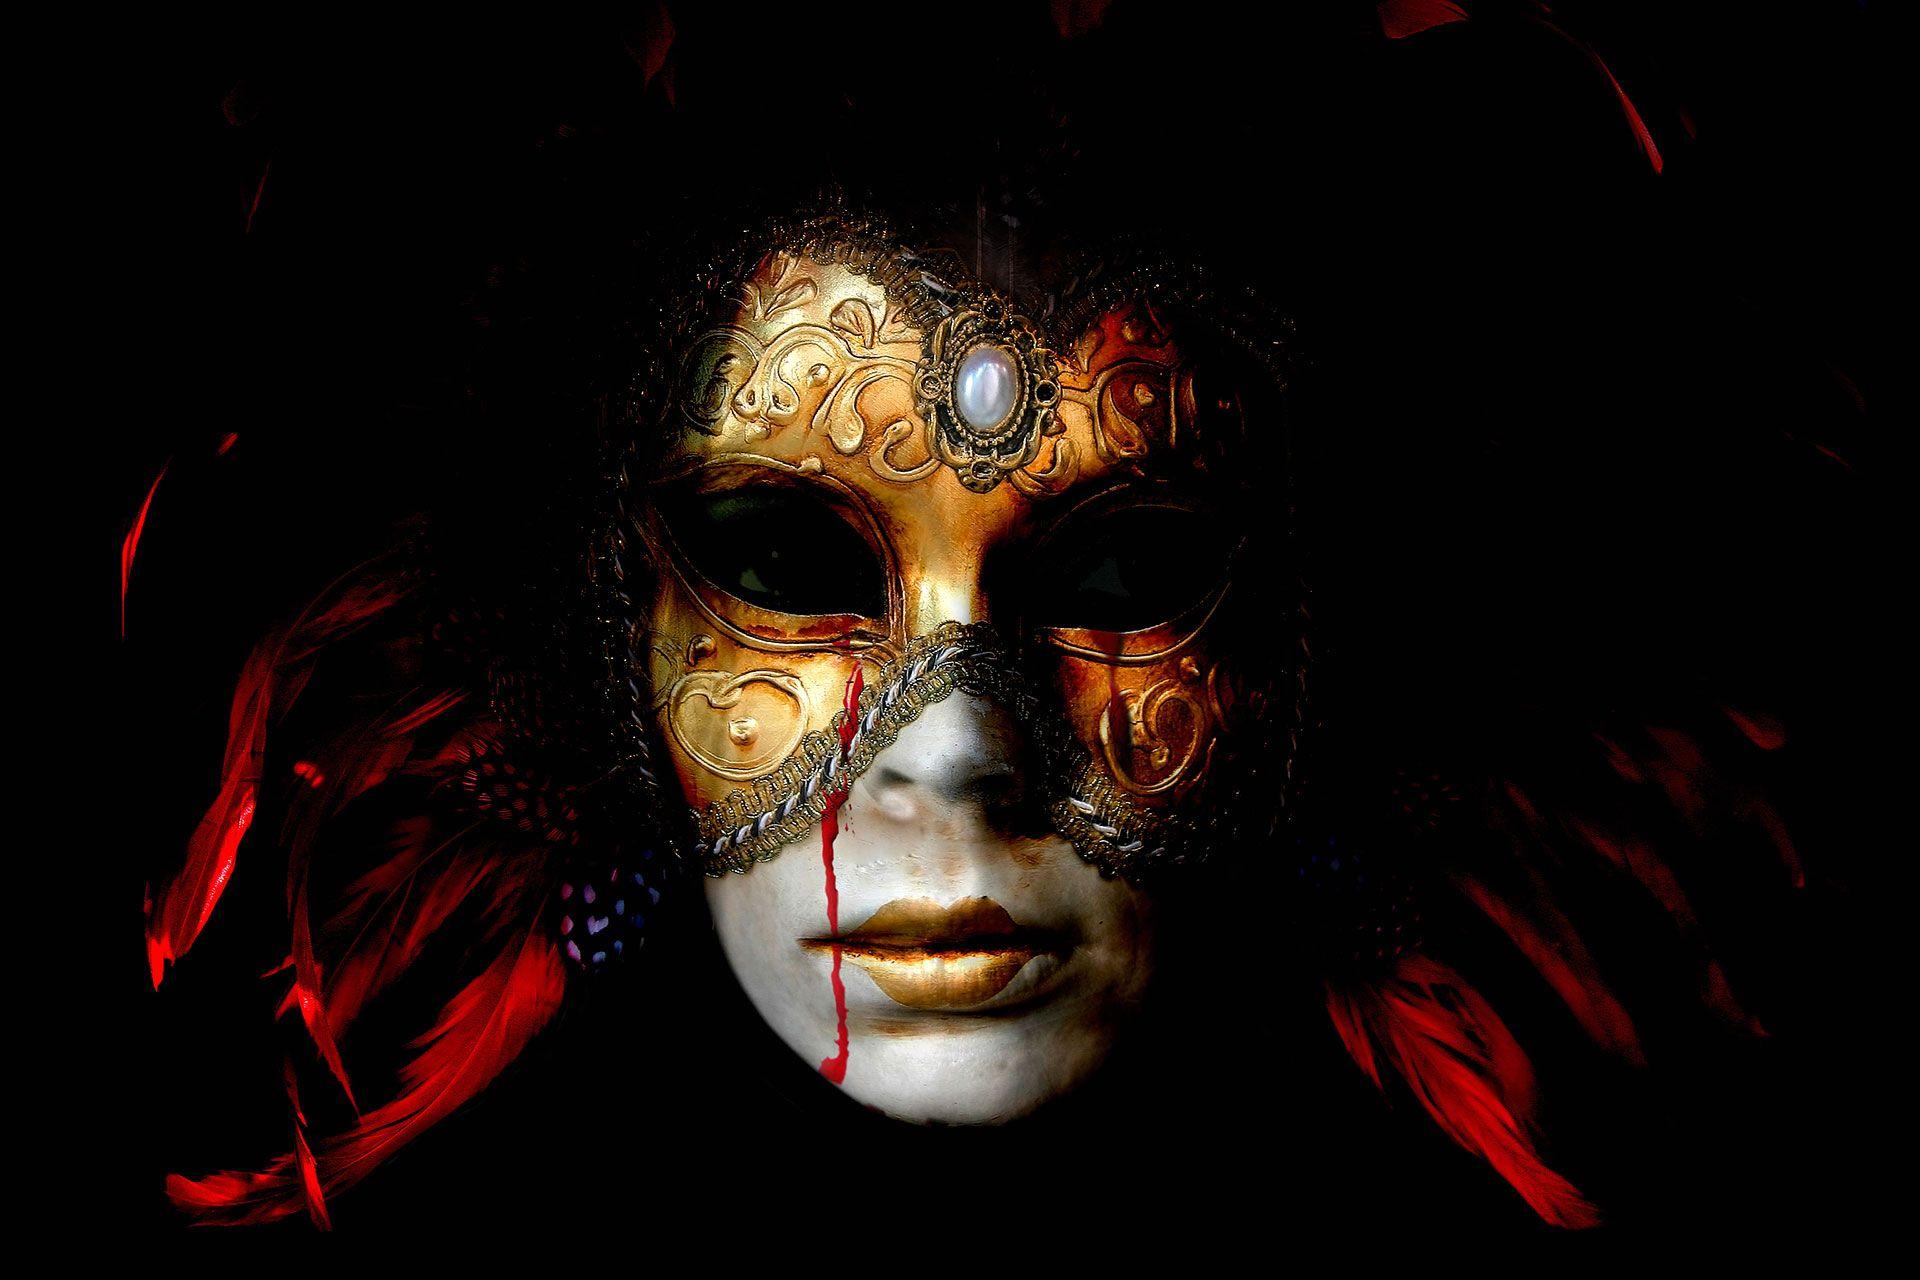 Lisa Brunner - Art Photographer - Venetian mask and blood tears